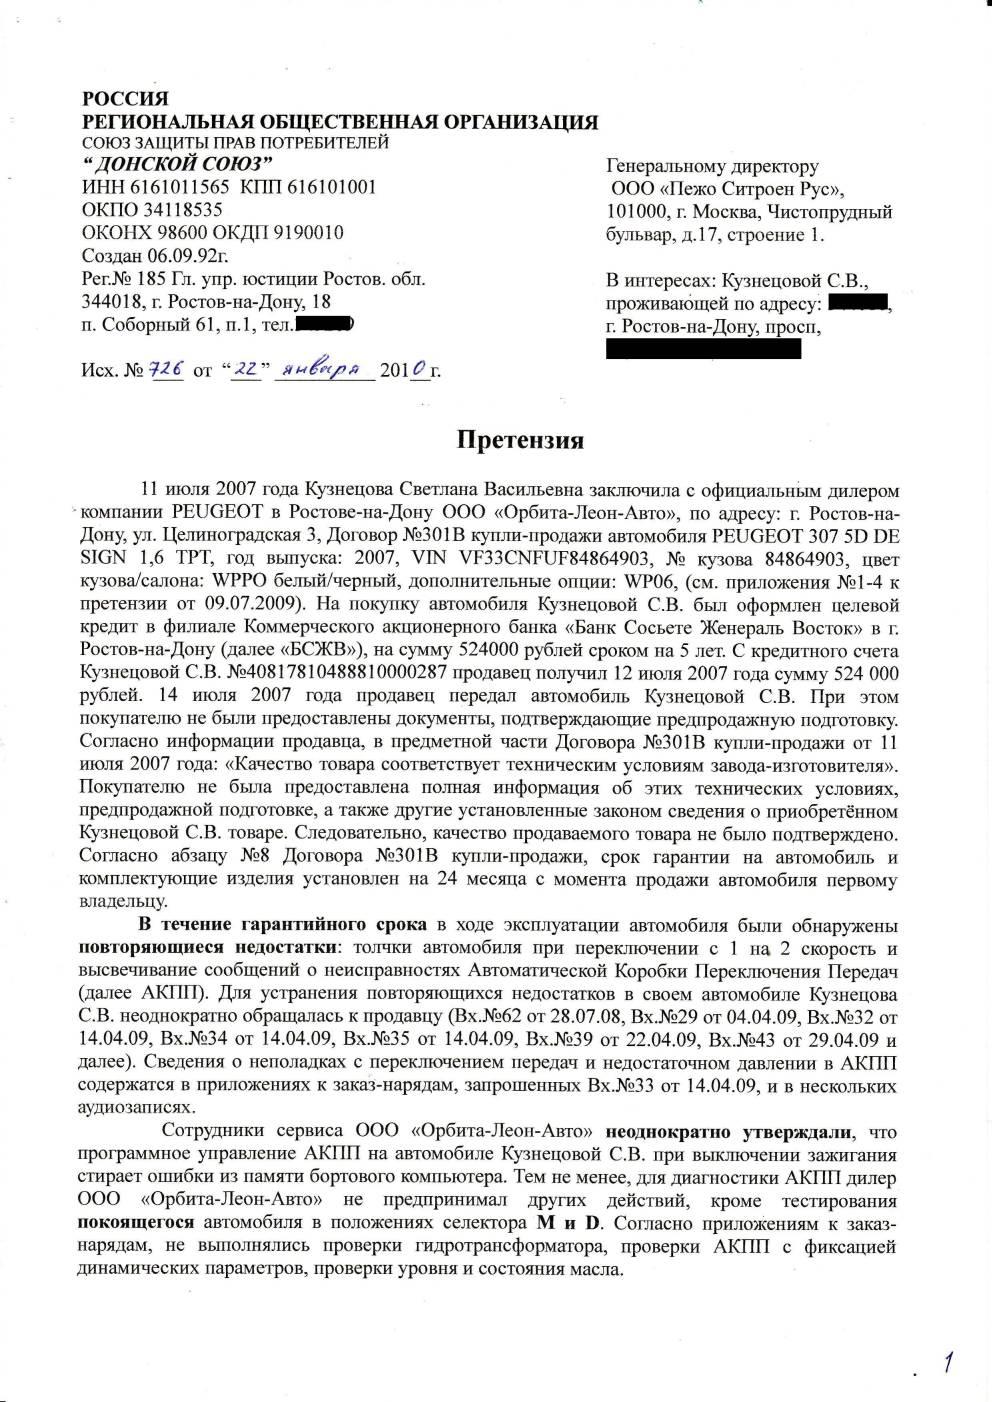 письмо на получение дилерства образец